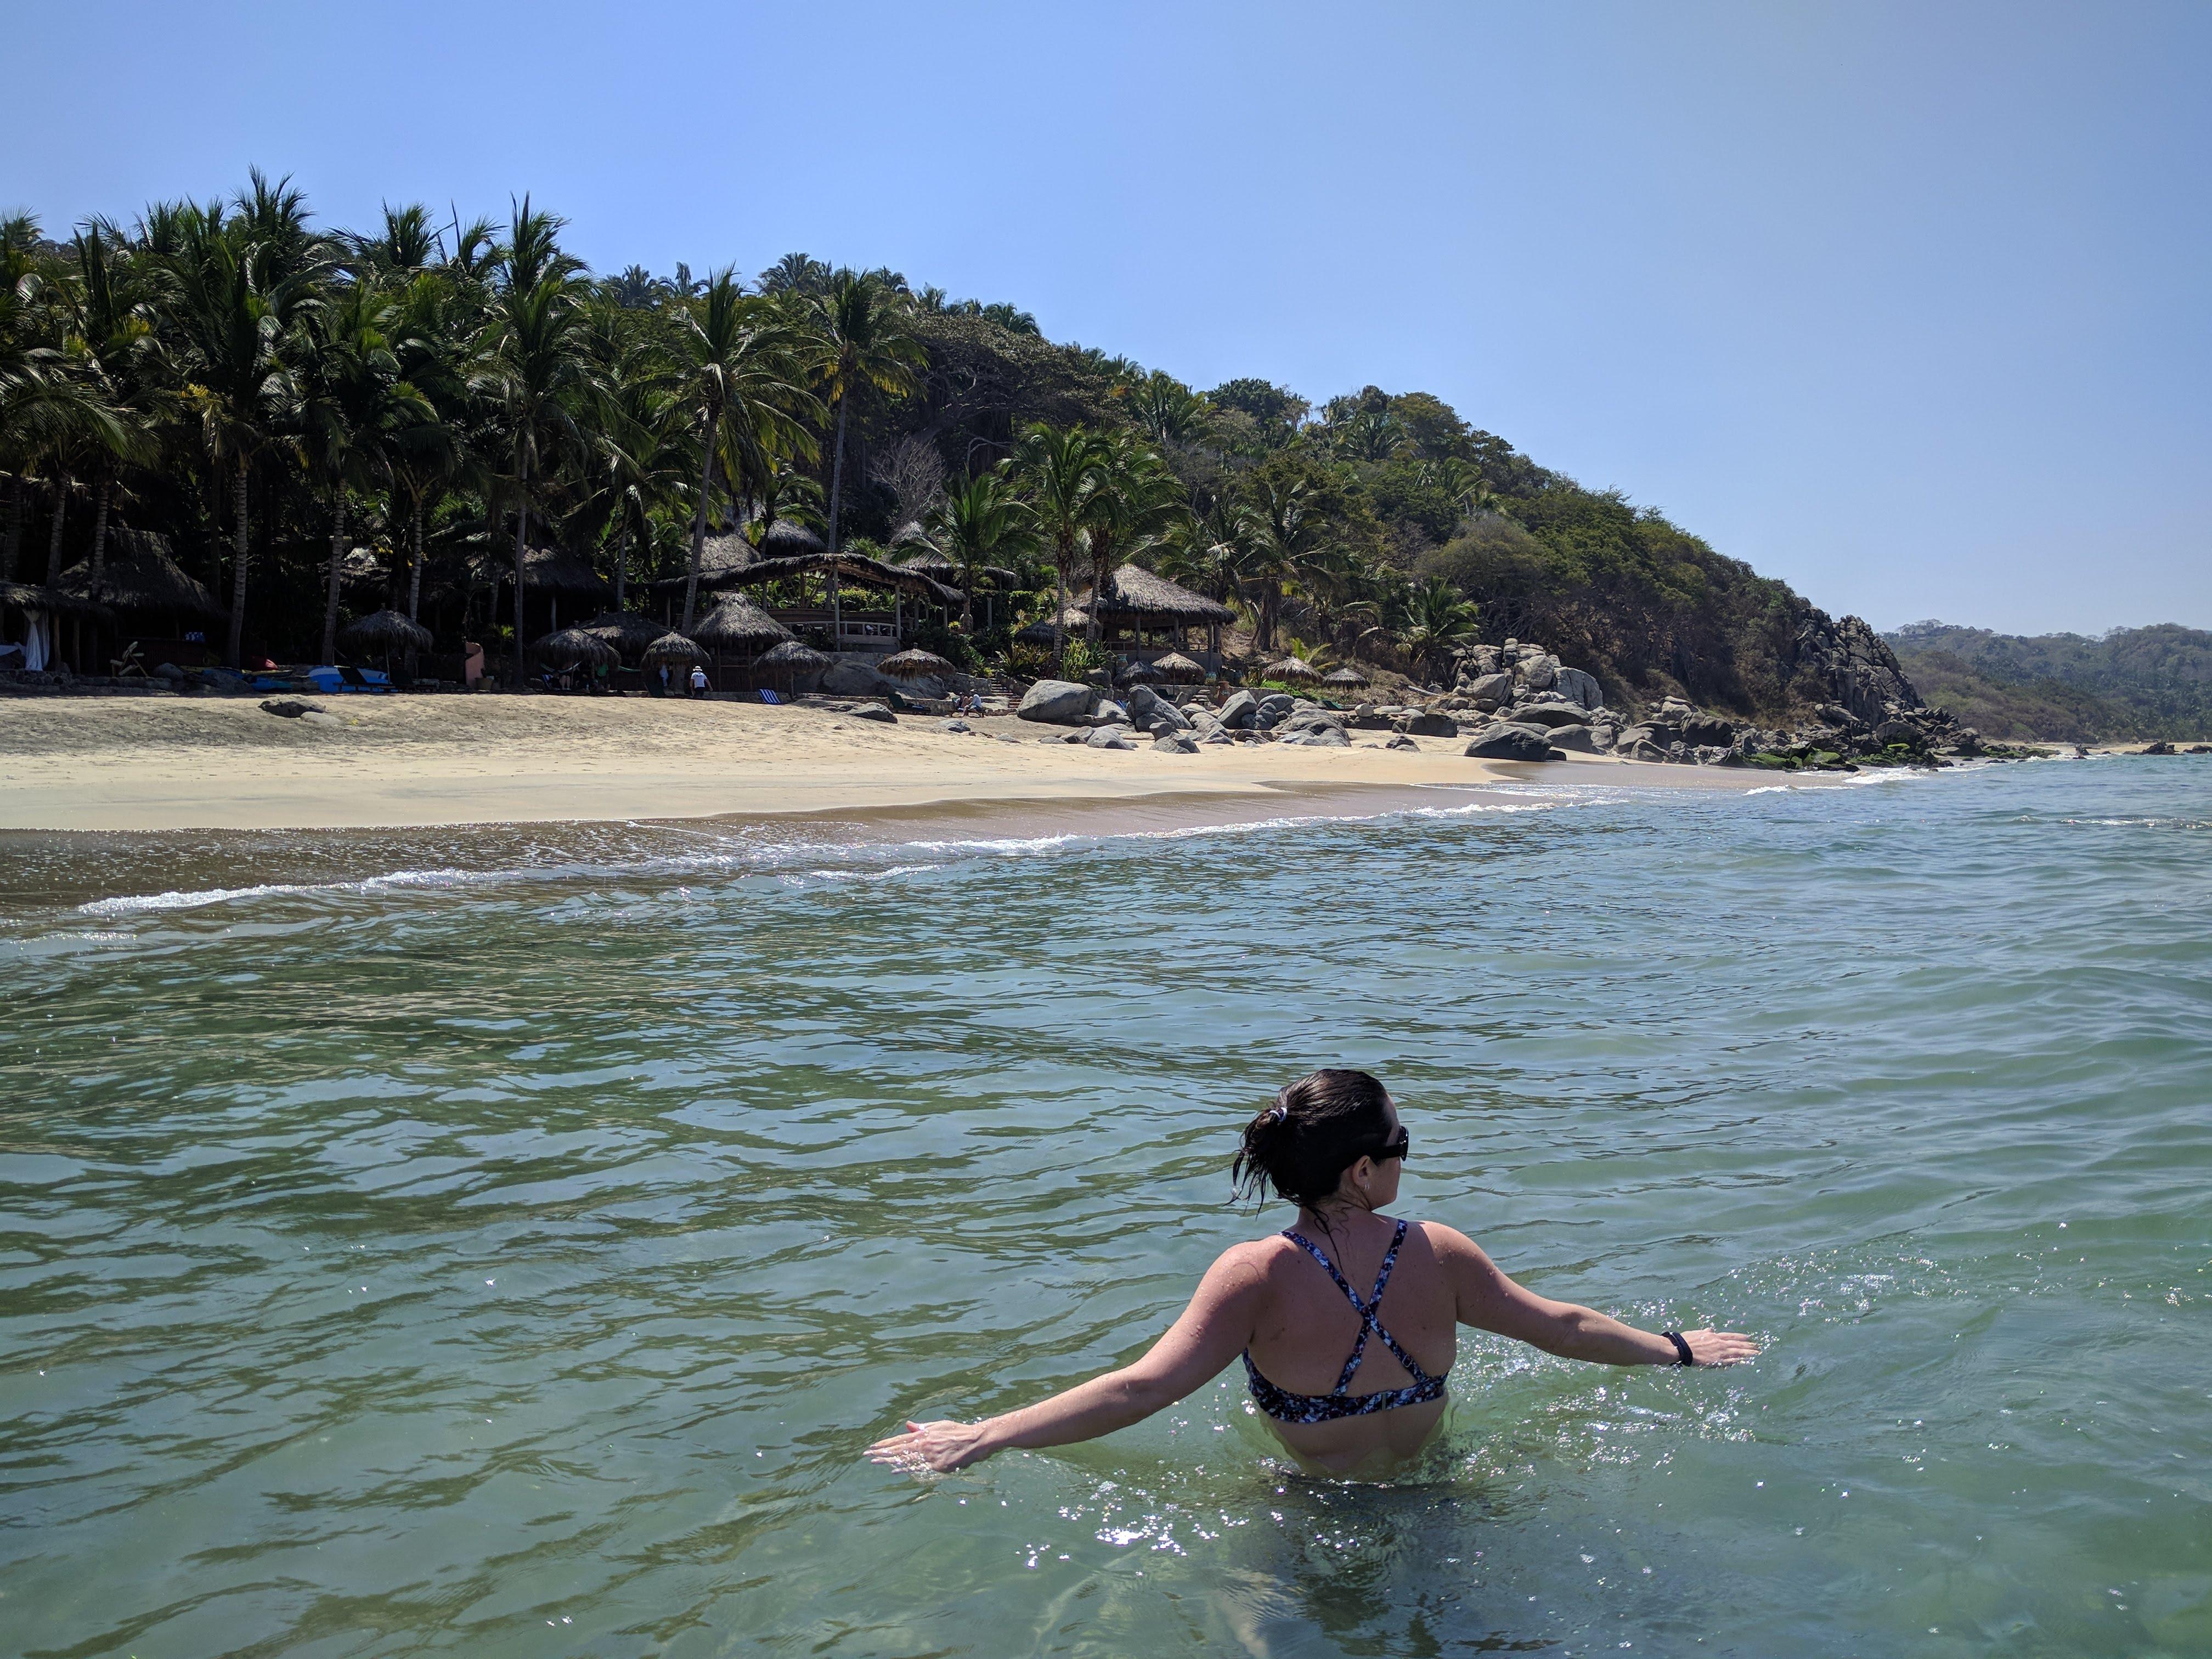 Swimming in the ocean at Playa Escondida